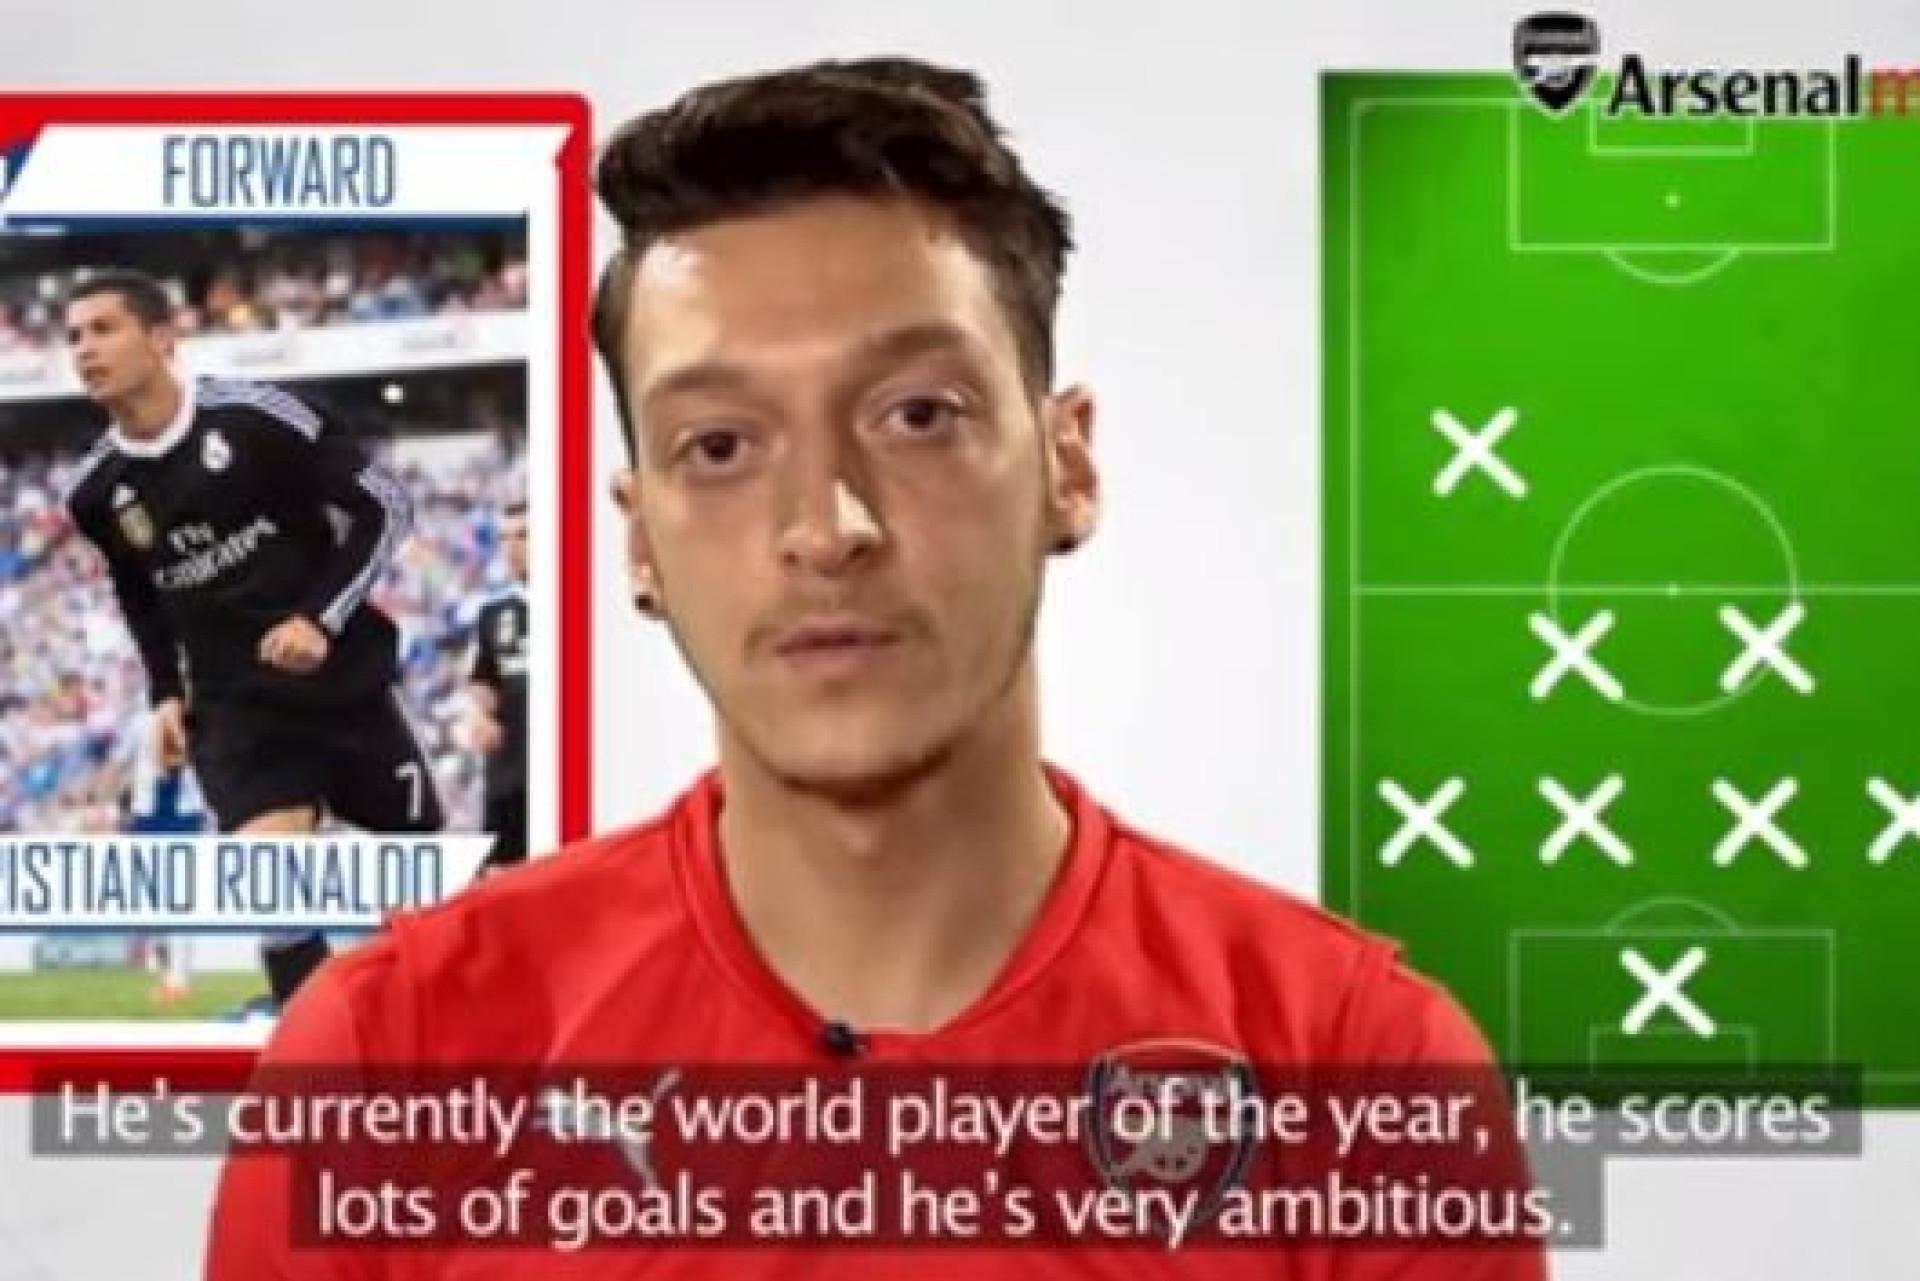 Ozil elege o melhor onze com quem jogou. Consegue advinhar os craques?